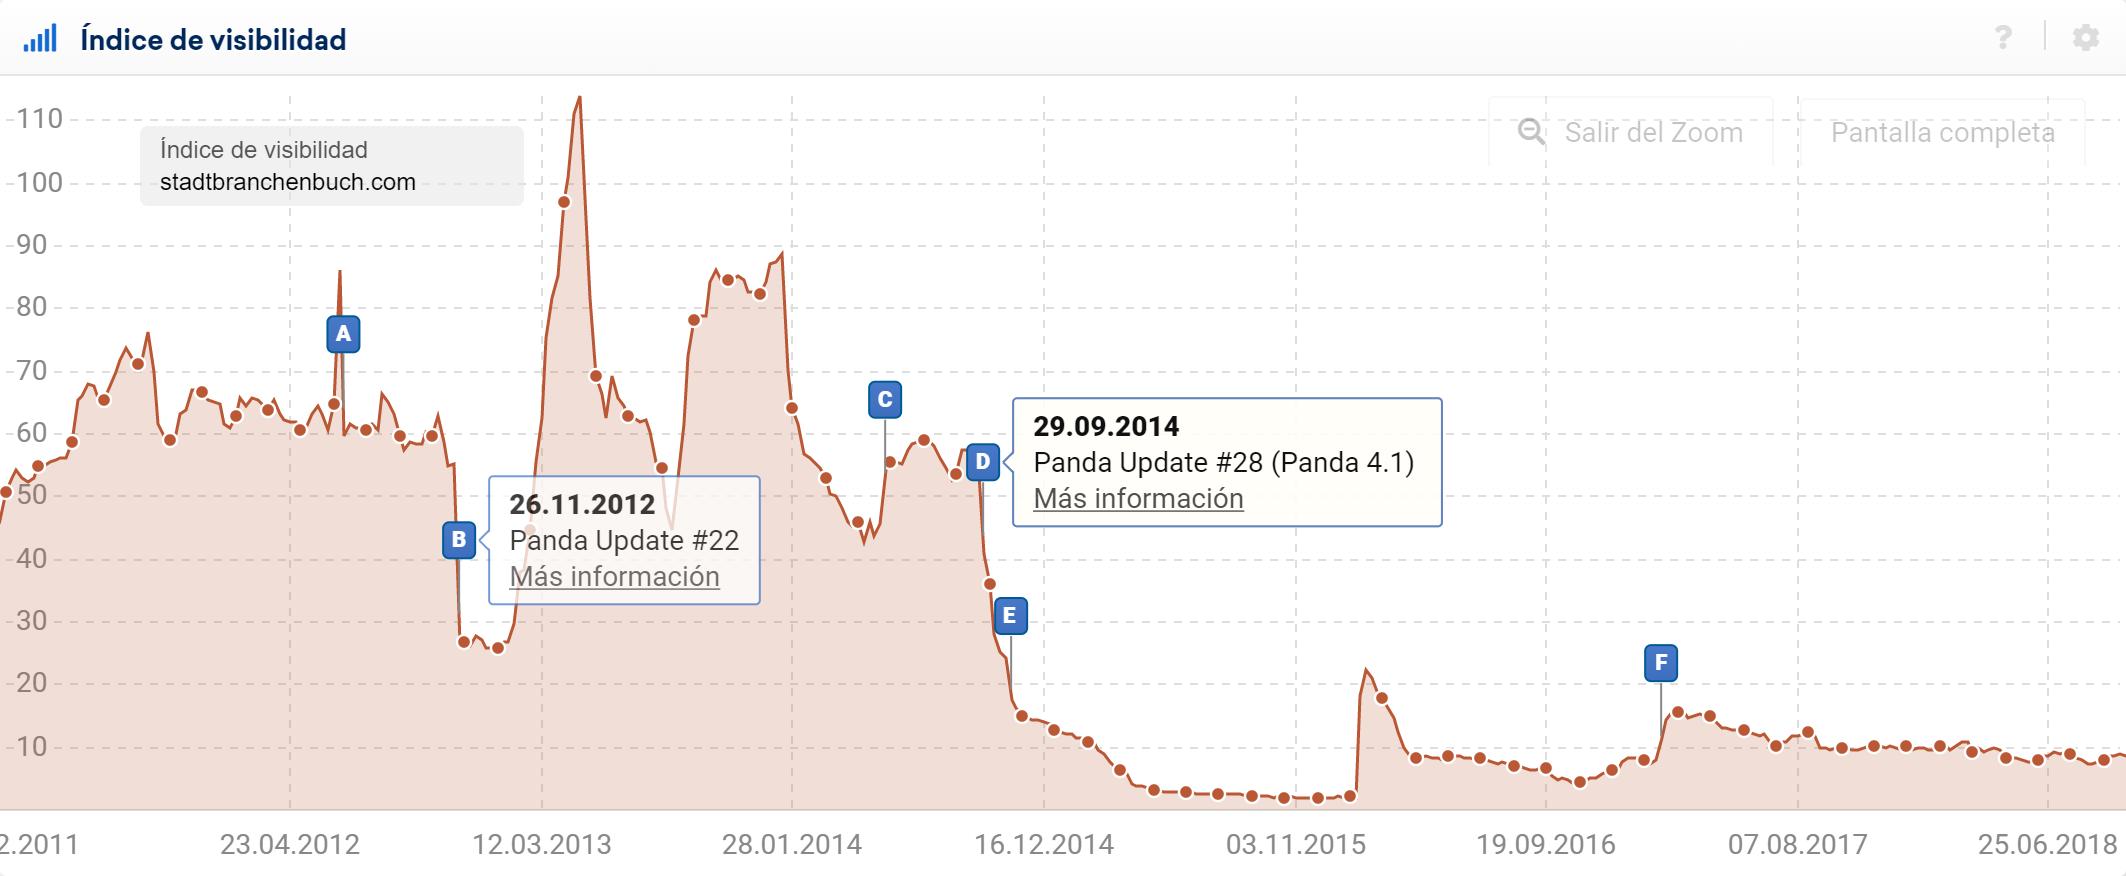 Pin de eventos para actualizaciones Panda para el dominio stadtbranchenbuch.com mostradas en el índice de visibilidad SISTRIX